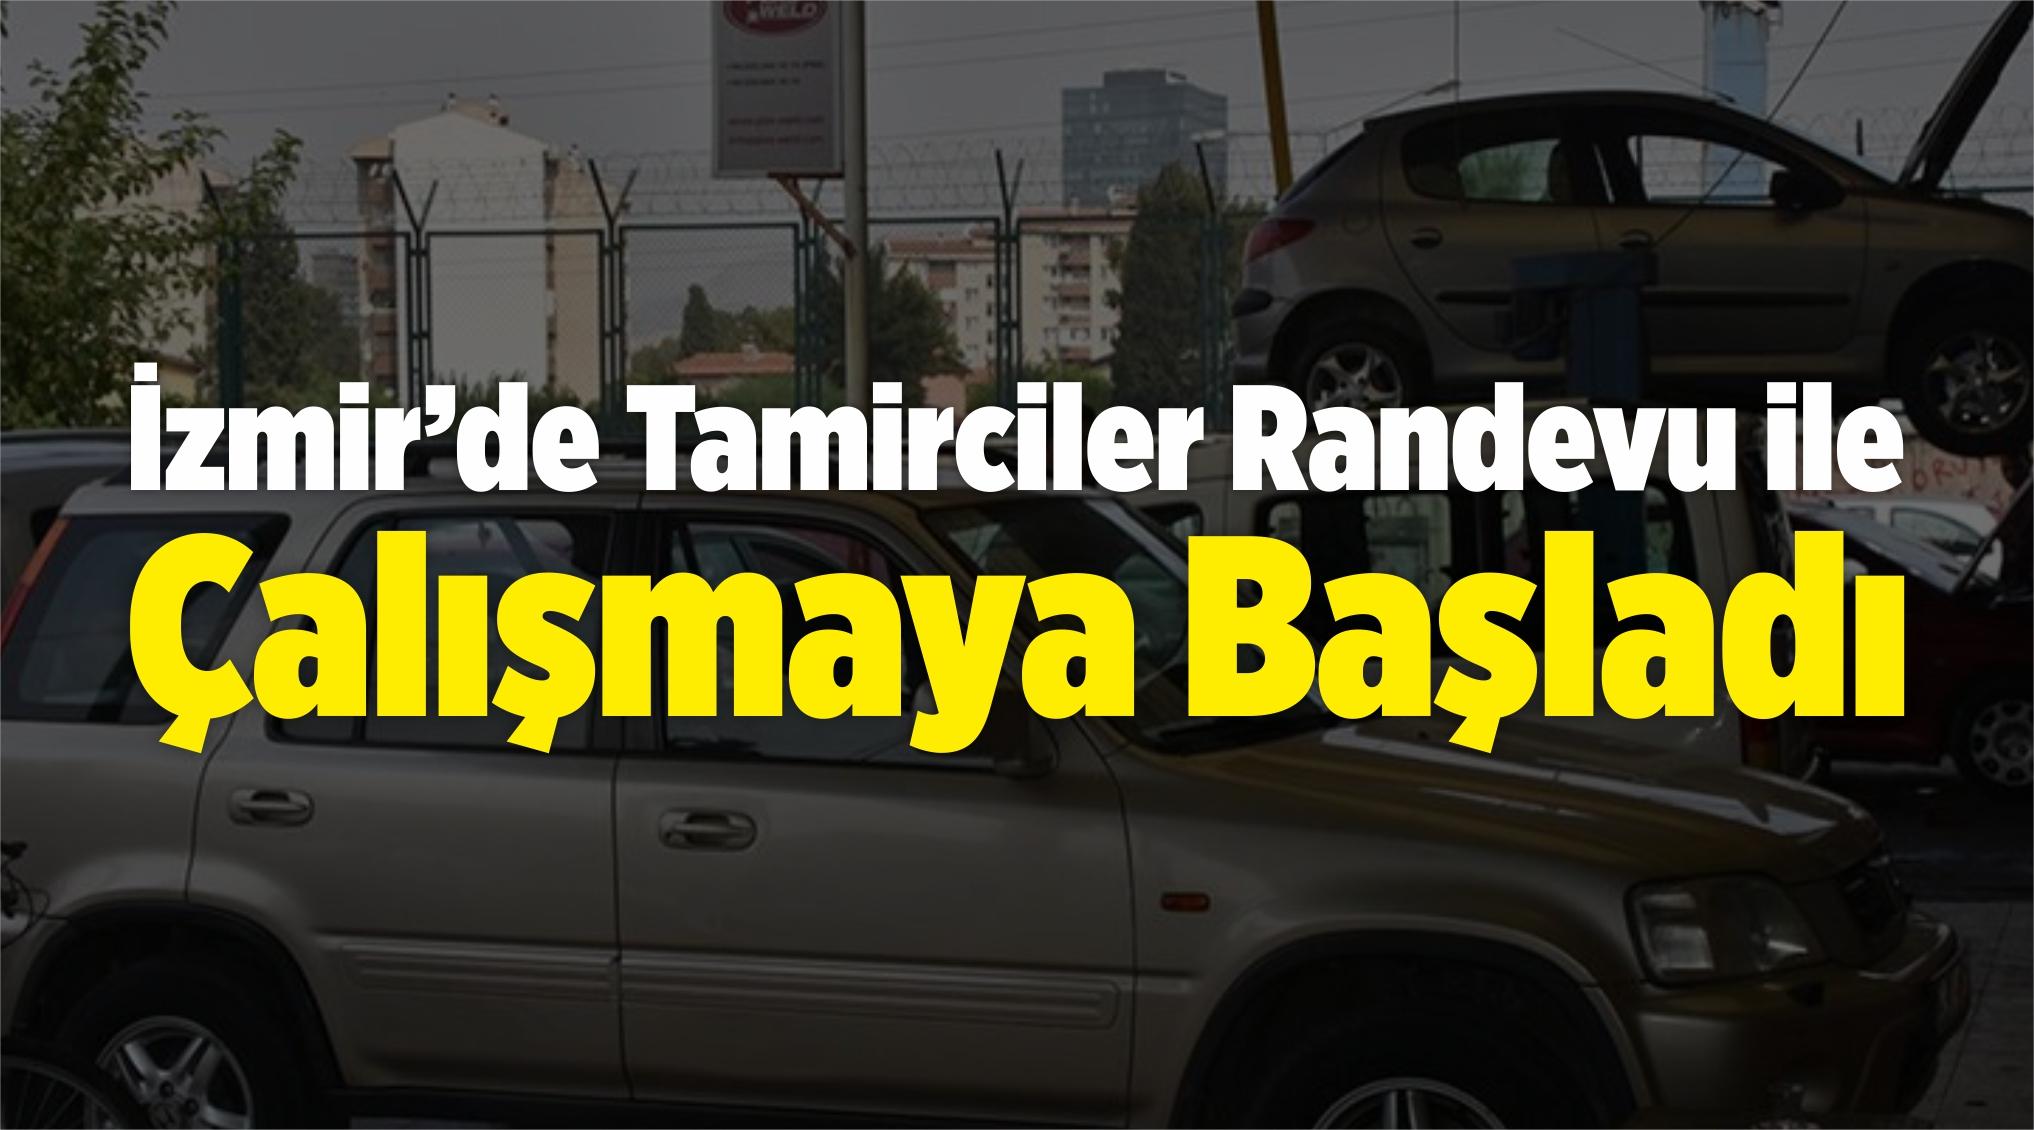 İzmir'de Tamirciler Randevu ile Çalışmaya Başladı